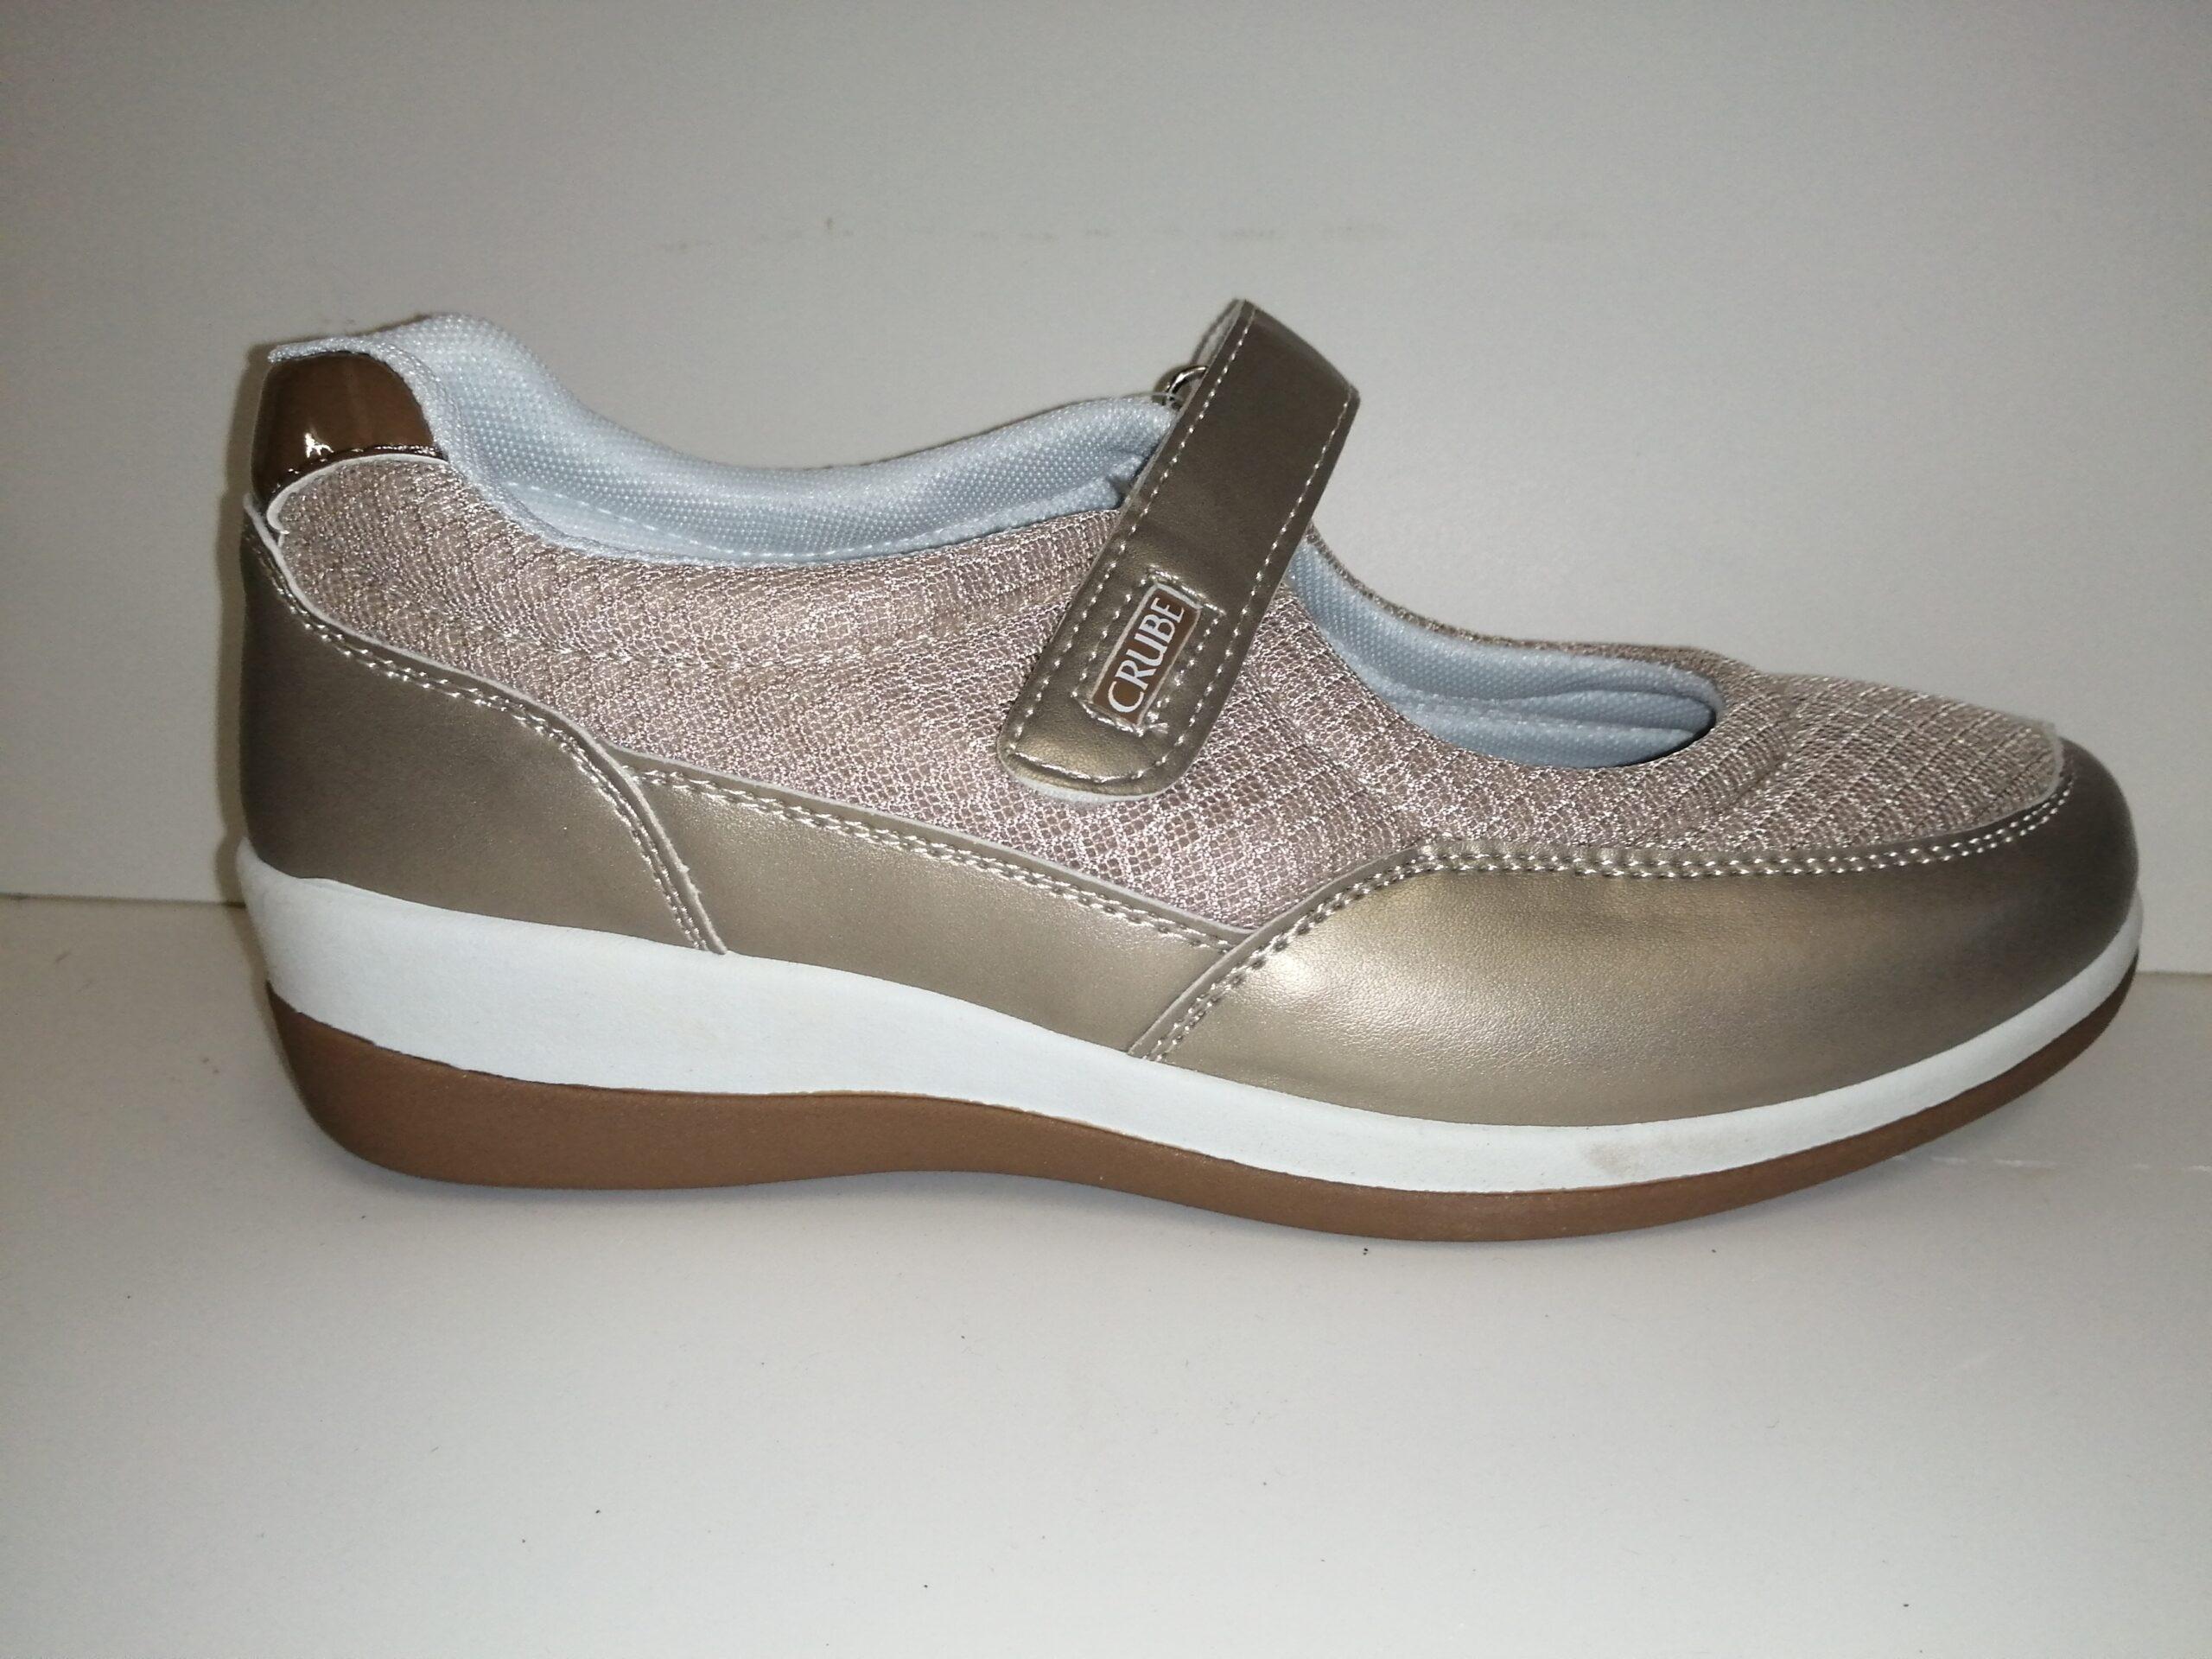 Zapato velcro sra casual 187CRUBE